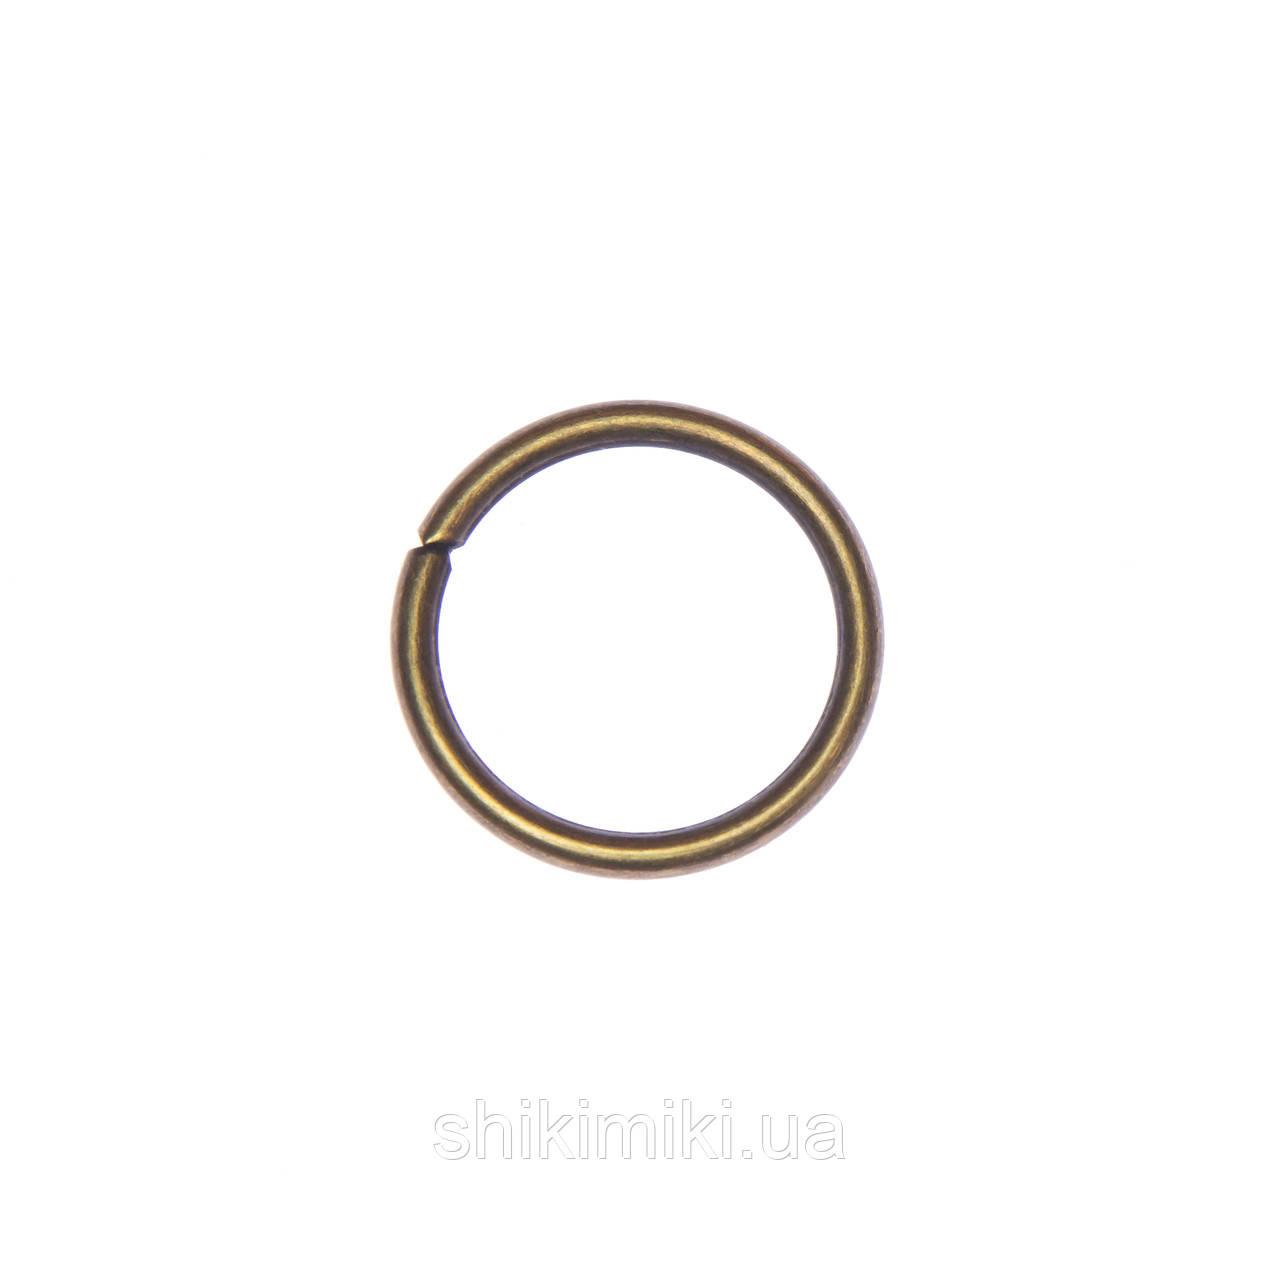 Кольца соединительные KL25-4 (25 мм), цвет антик